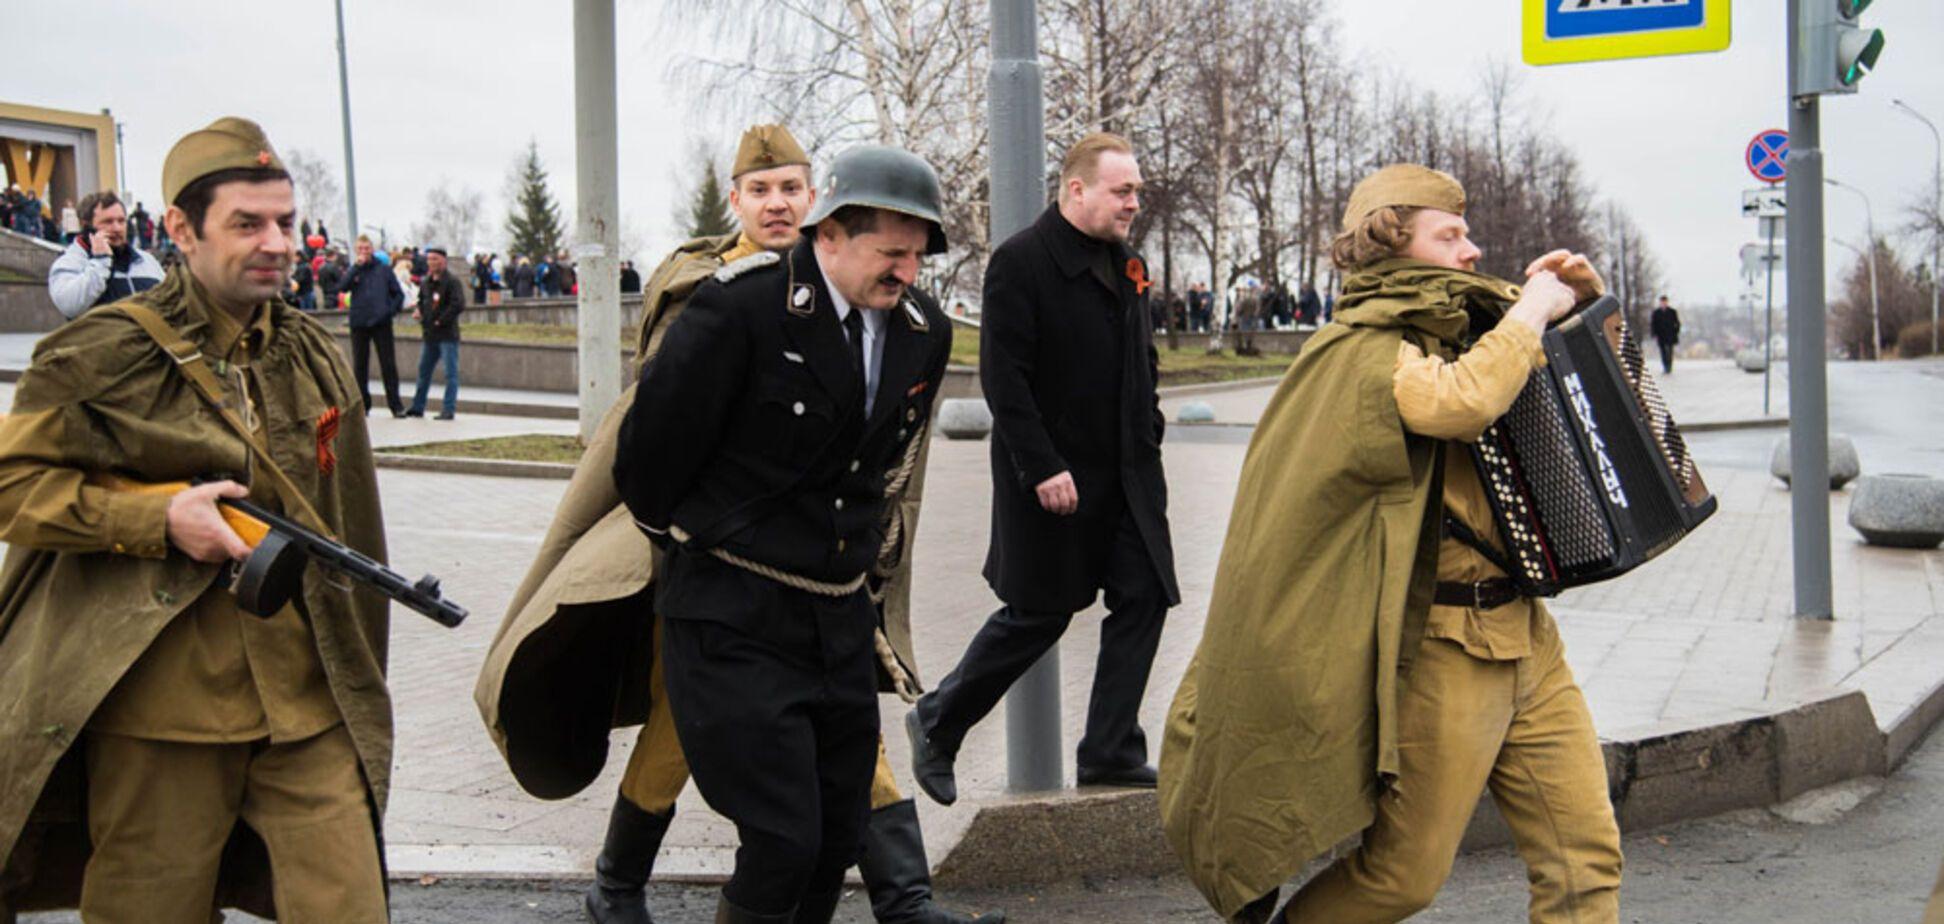 'Нікулін в труні перевернувся': в Росії 'фашиста' на мотузці побила дівчинка в гімнастерці. Фото і відео